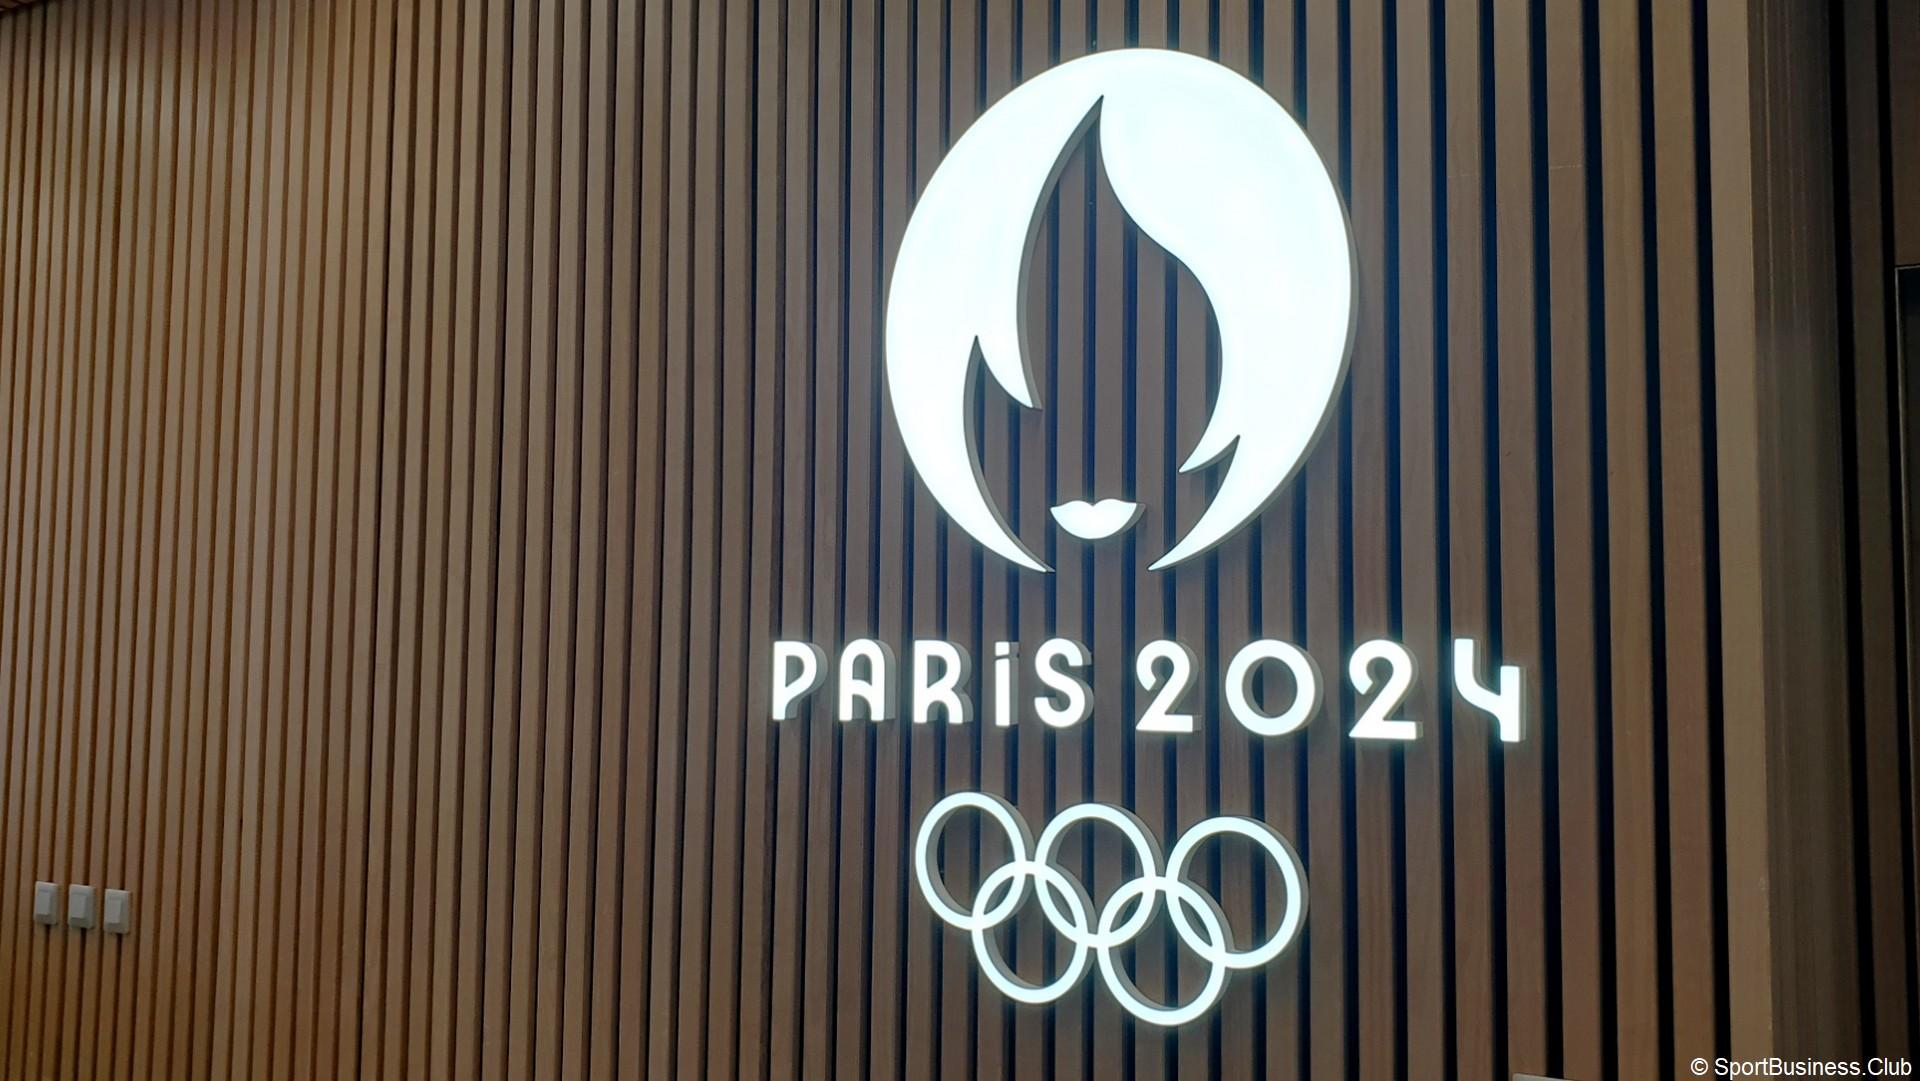 Paris 2024 (4) logo JOP